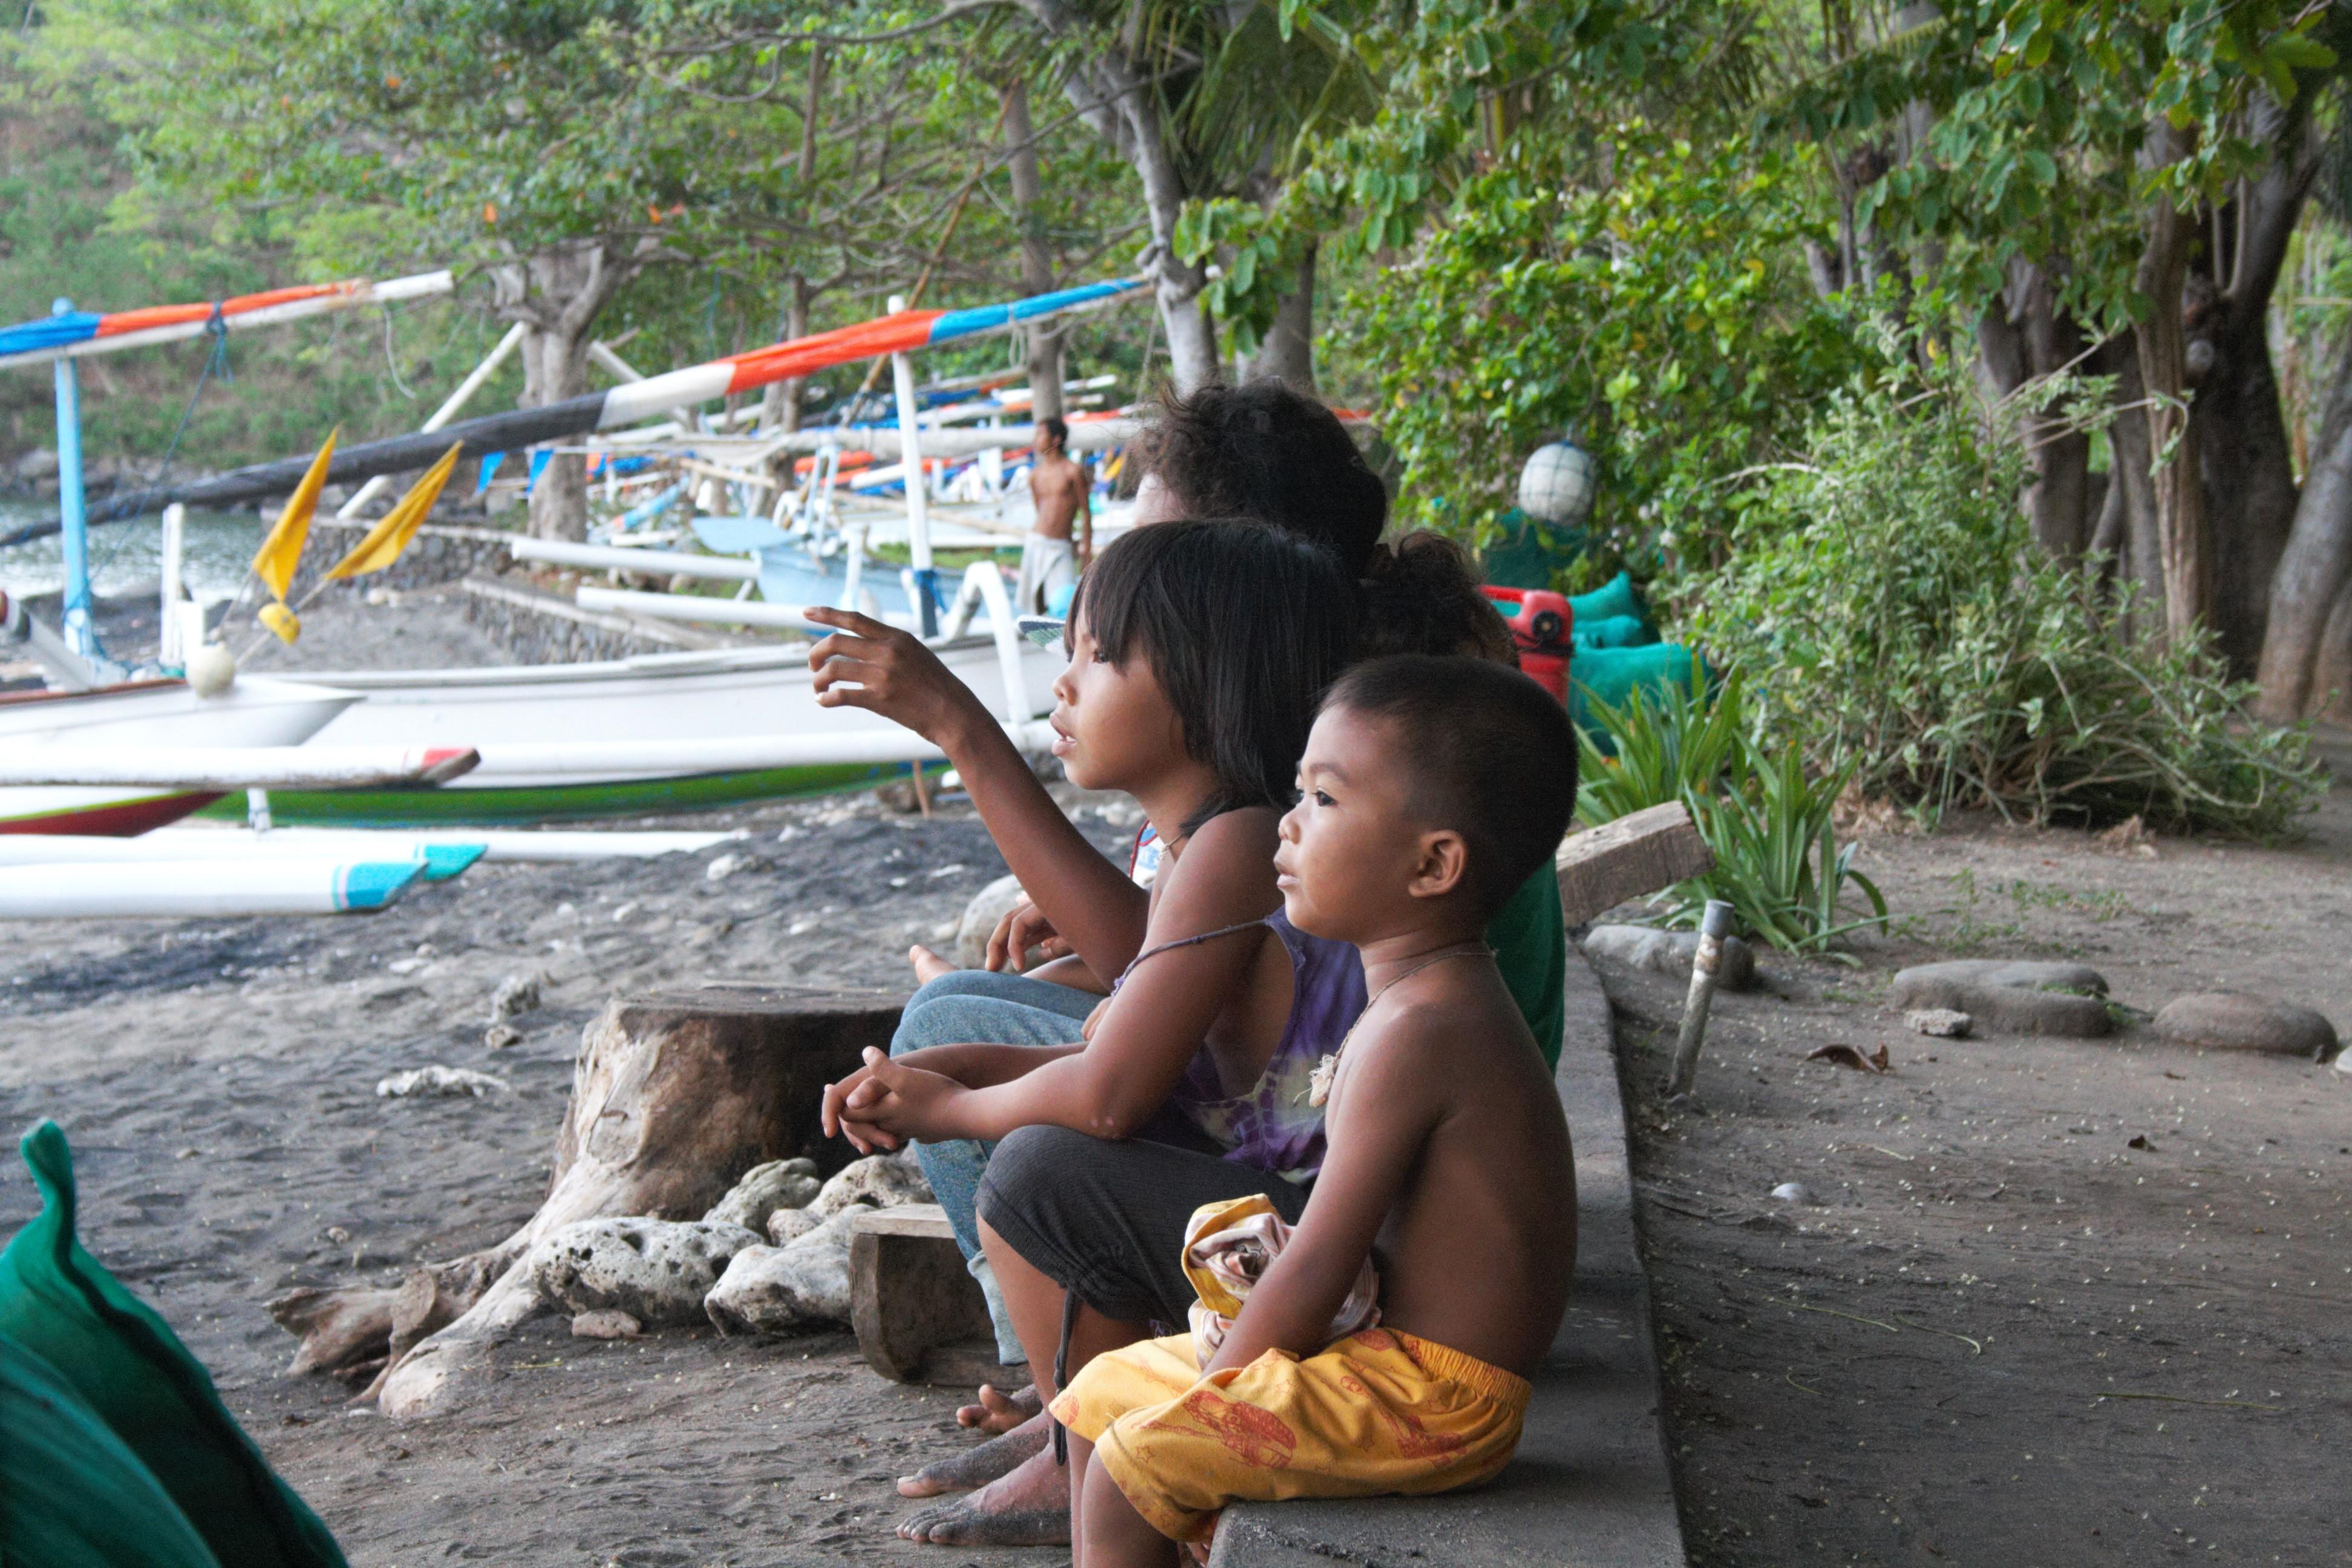 bali good karma amed - Bali: Insel der Götter und Dämonen wird von Dämonen dominiert